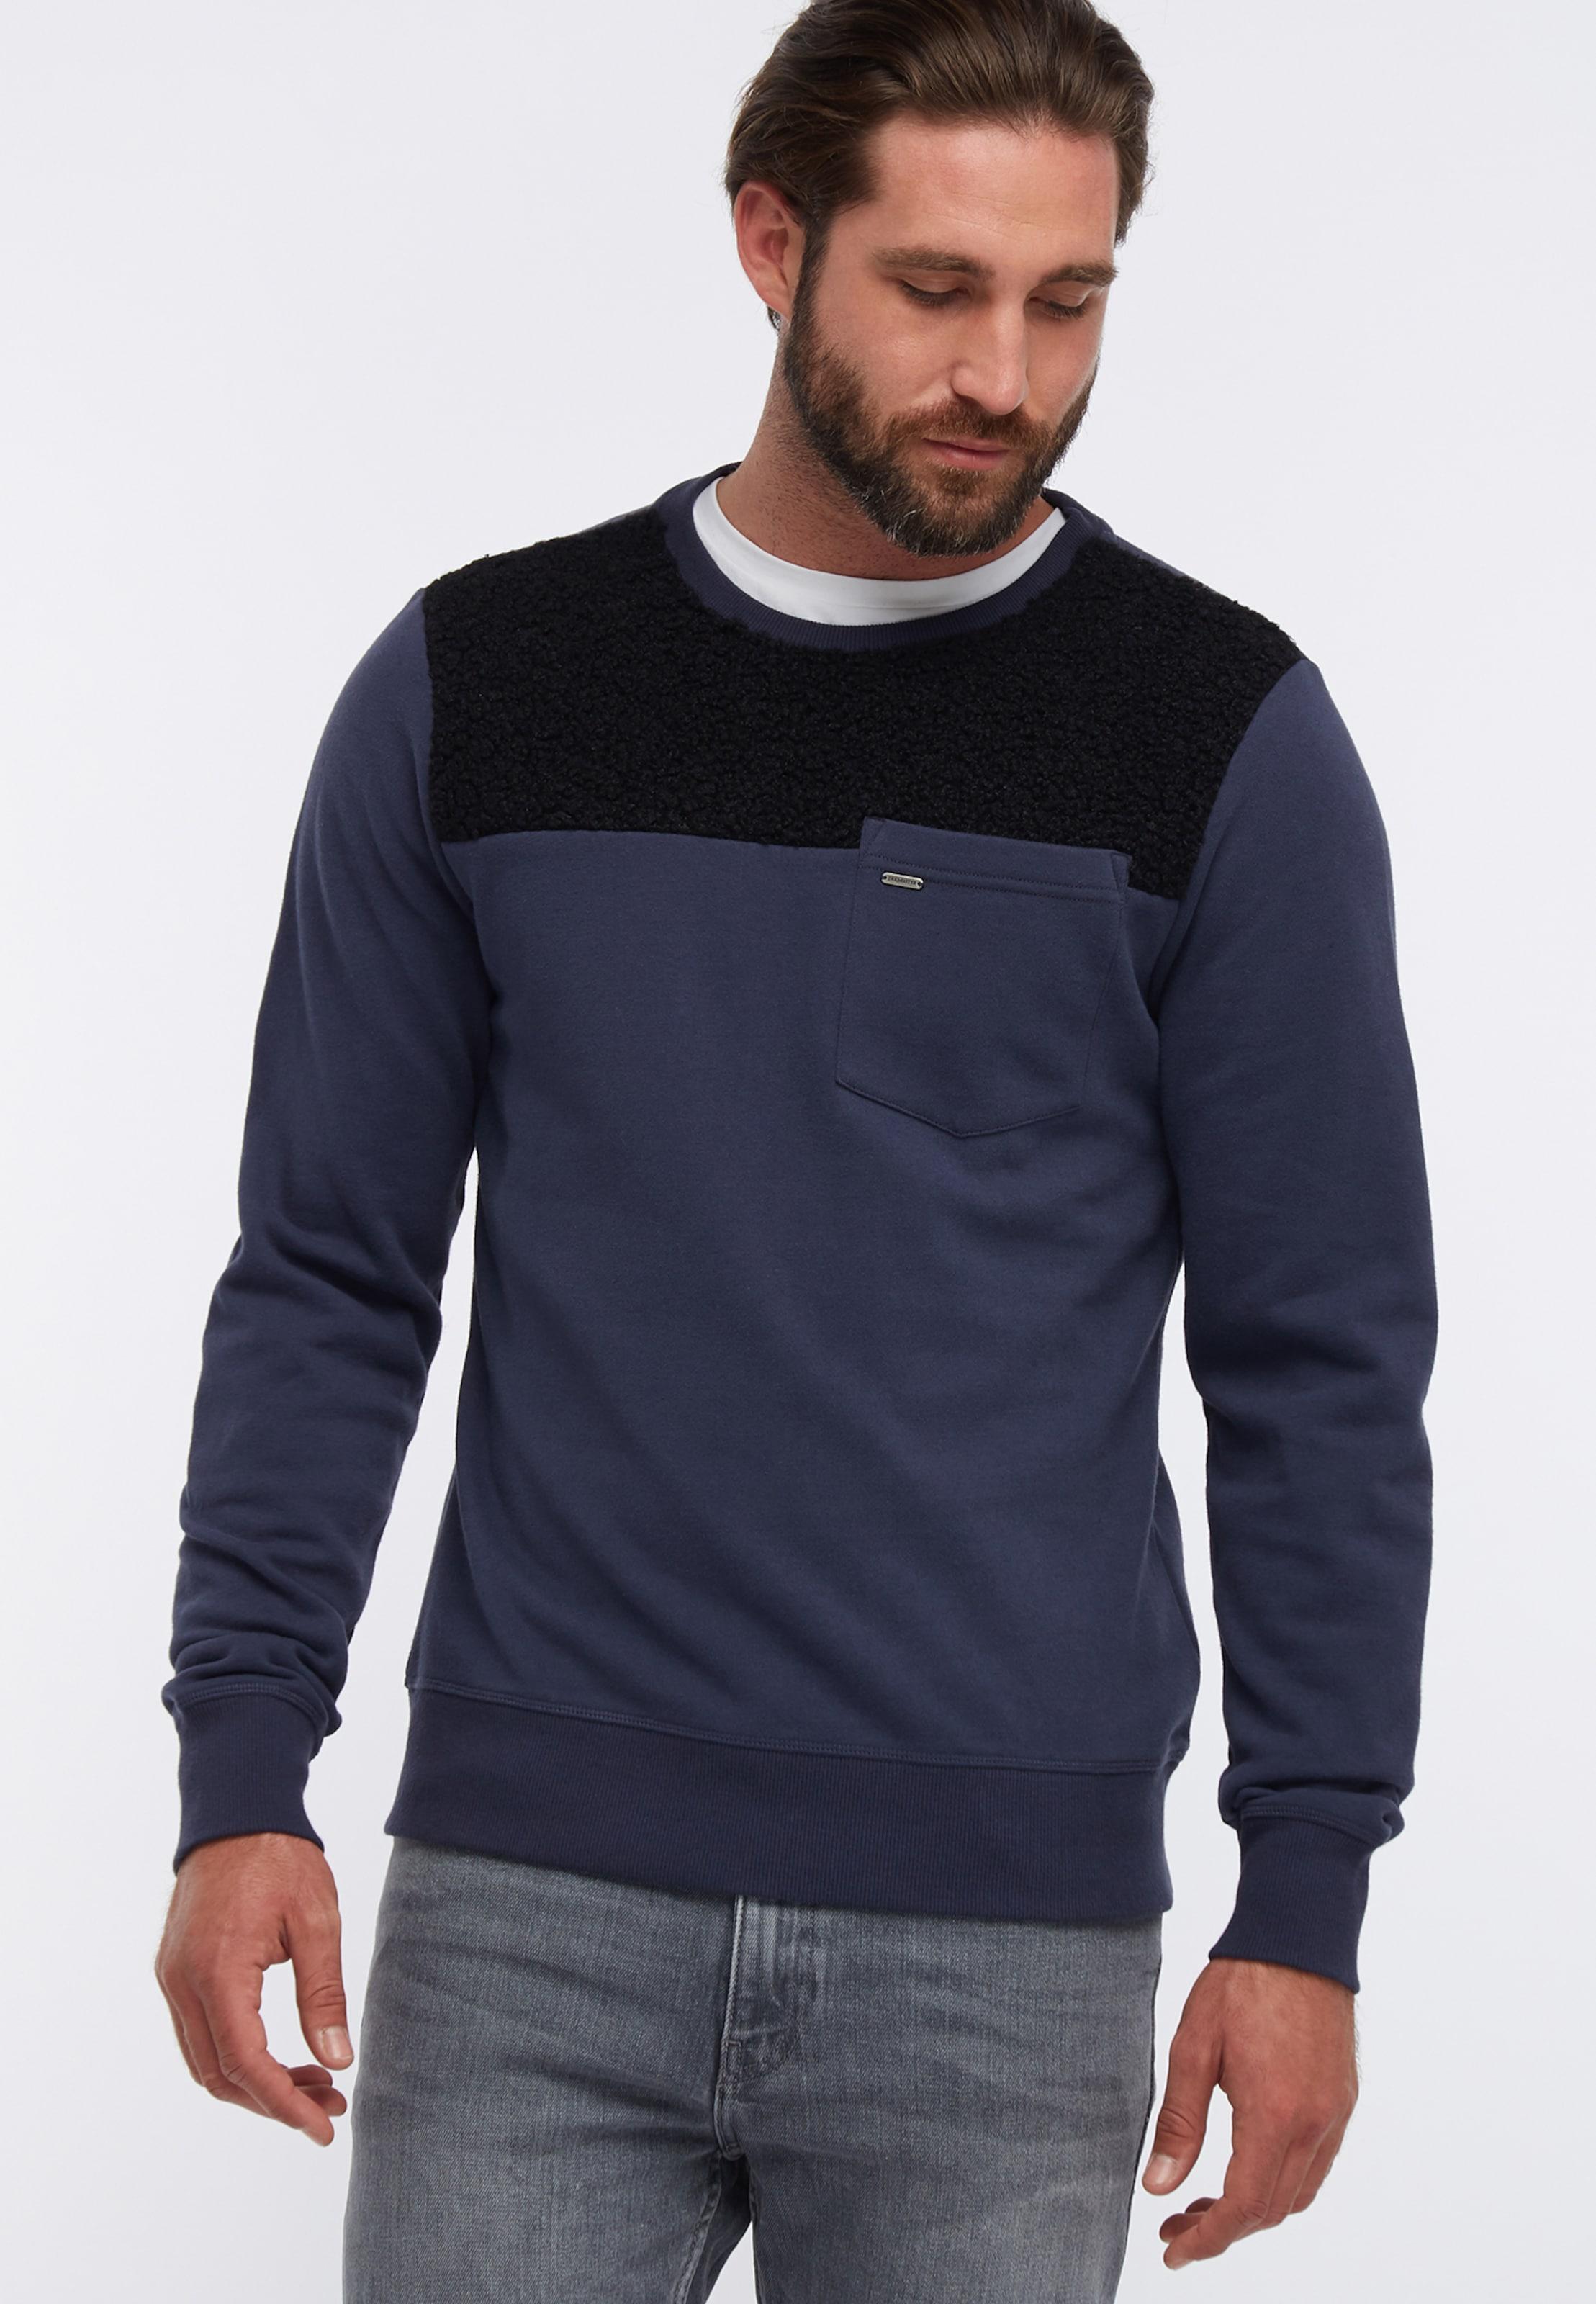 In Marine Dreimaster Dreimaster Sweatshirt Sweatshirt In Marine vyNwOm8n0